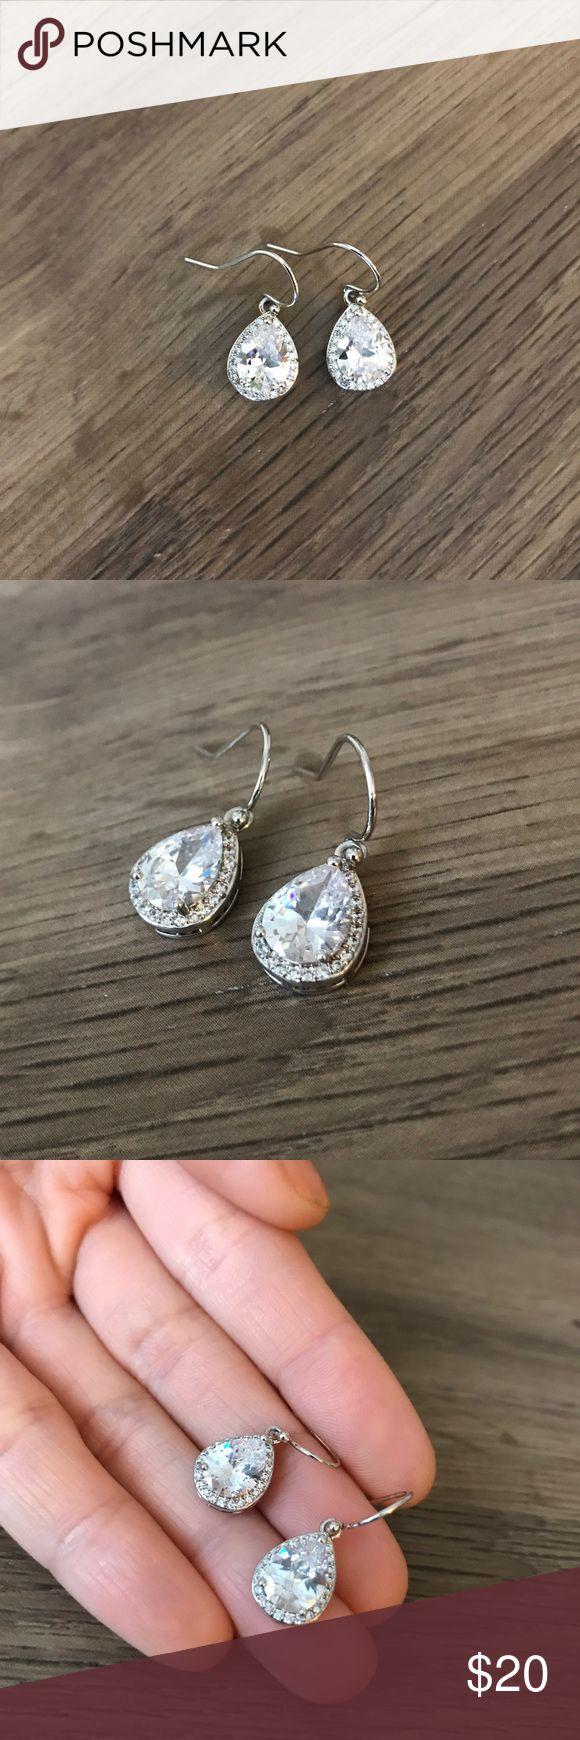 Simple cubic zirconia pear drop shape earrings In good condition Jewelry Earrings